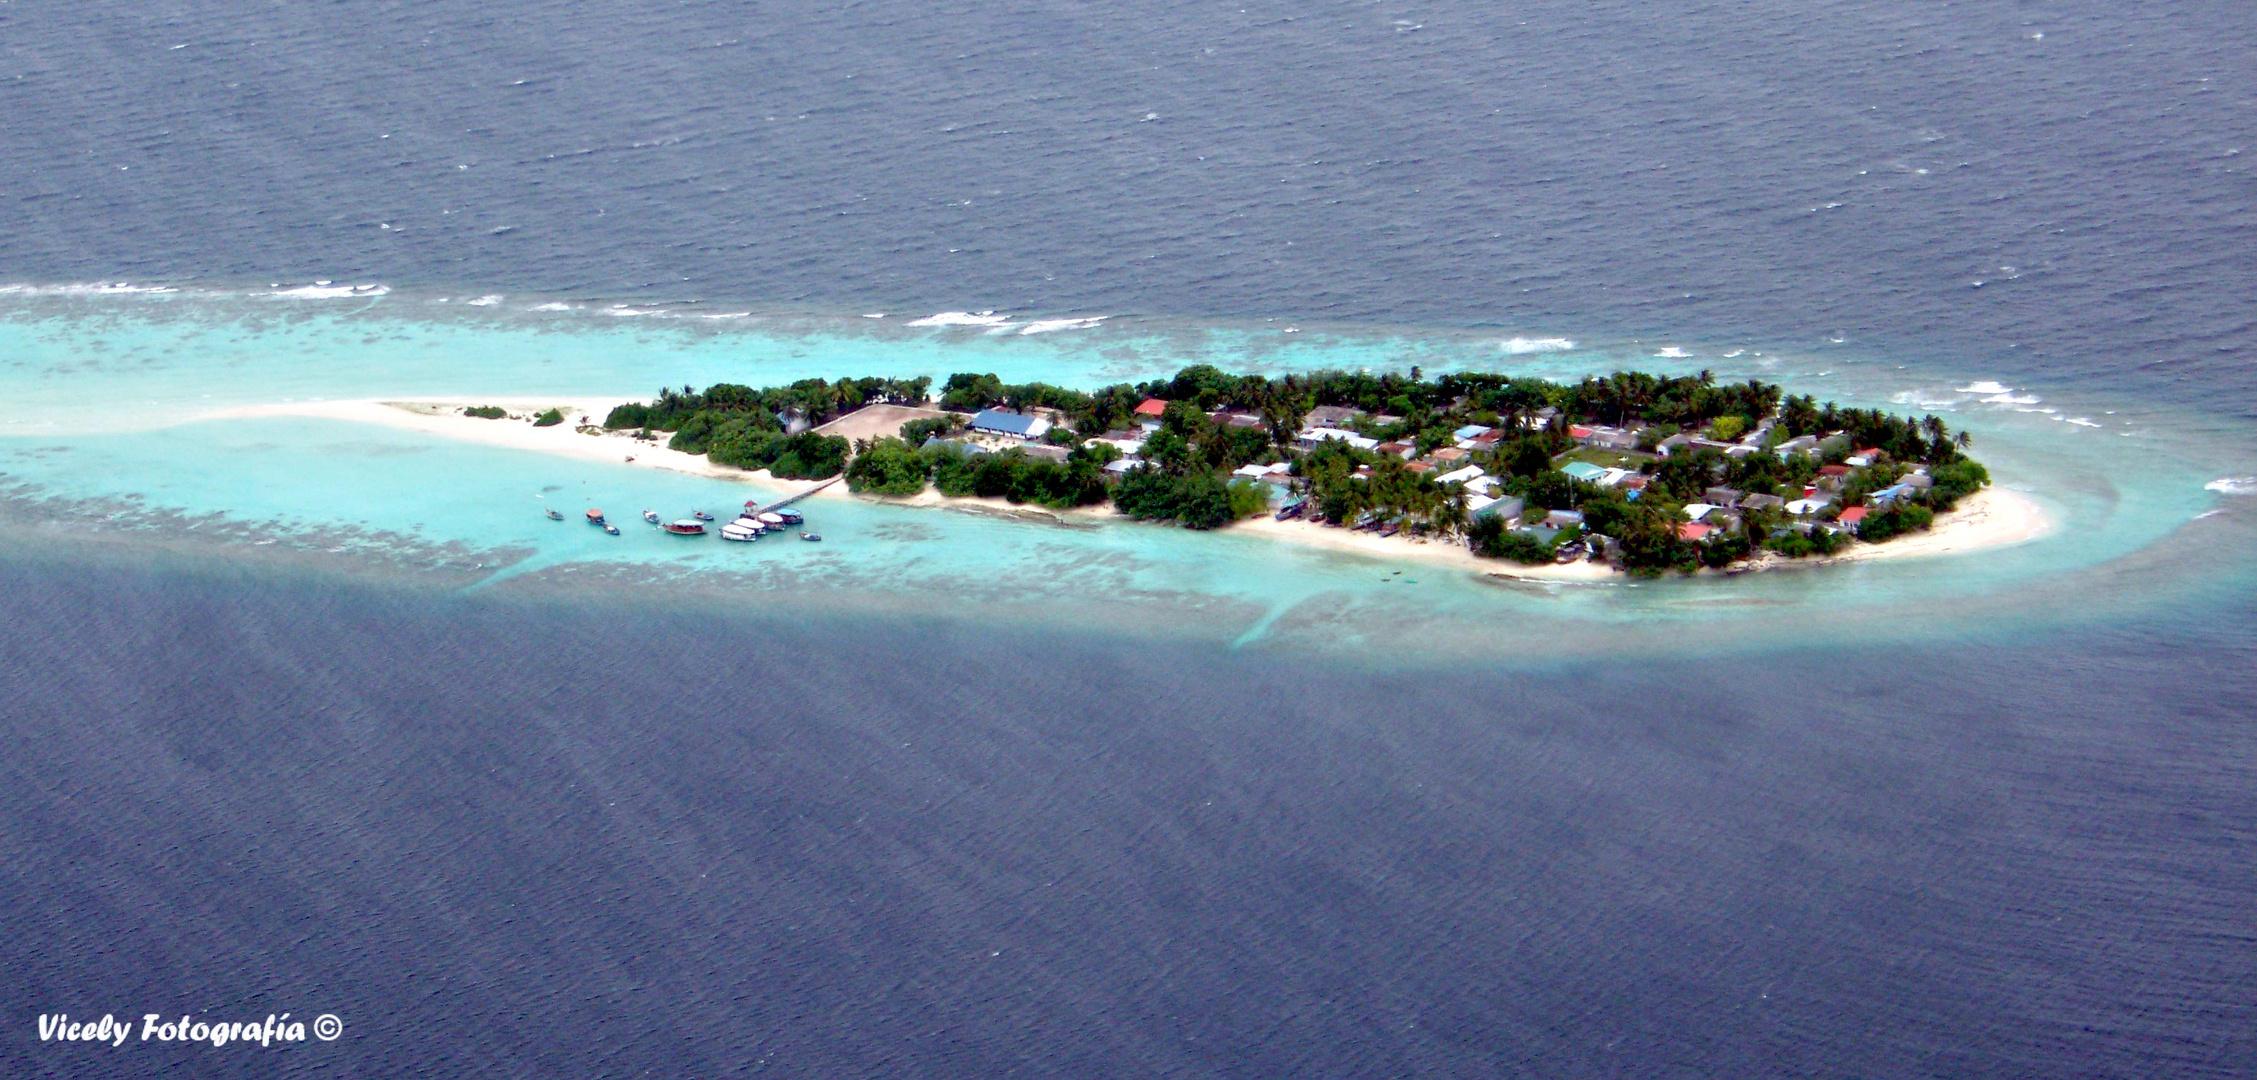 Volando por encima de Maldivas